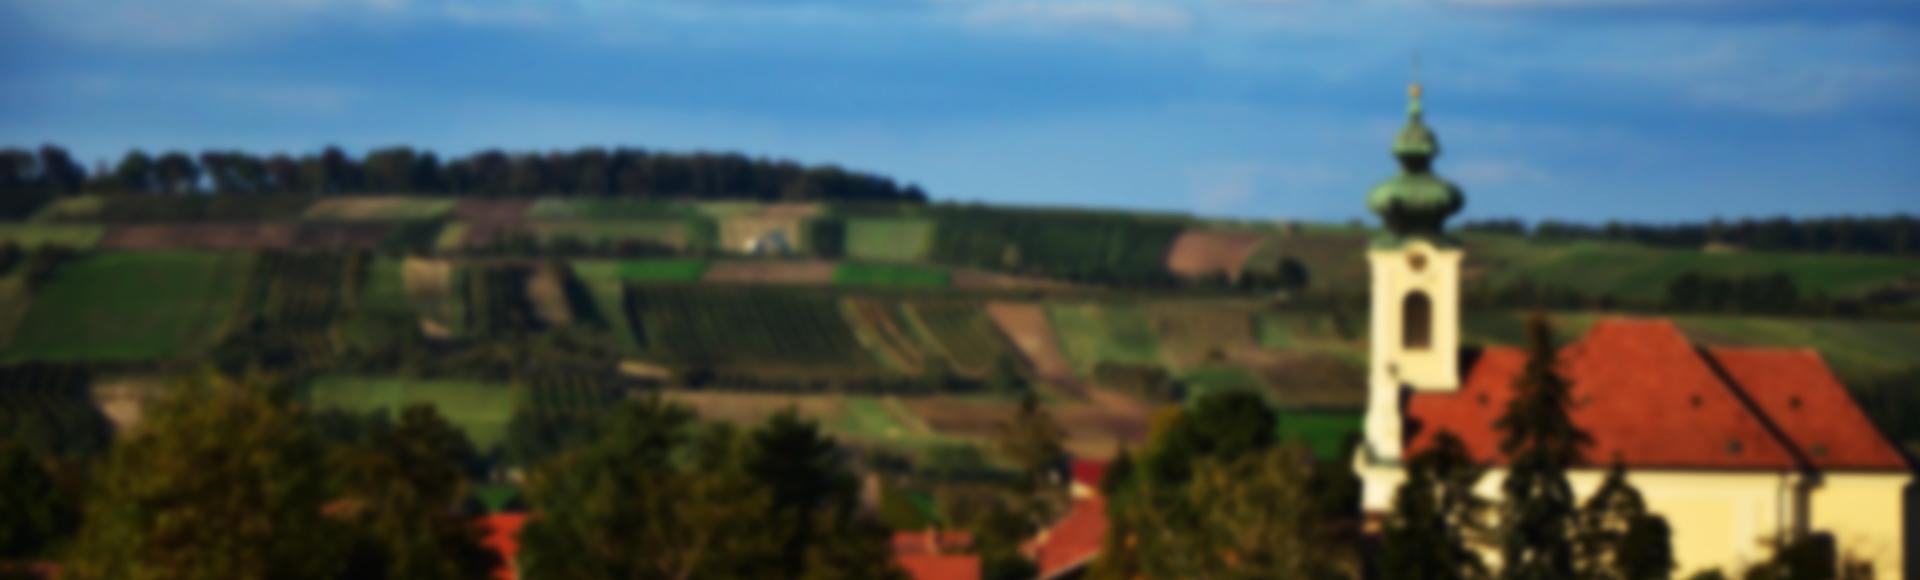 Dörfer ohne Schornstein